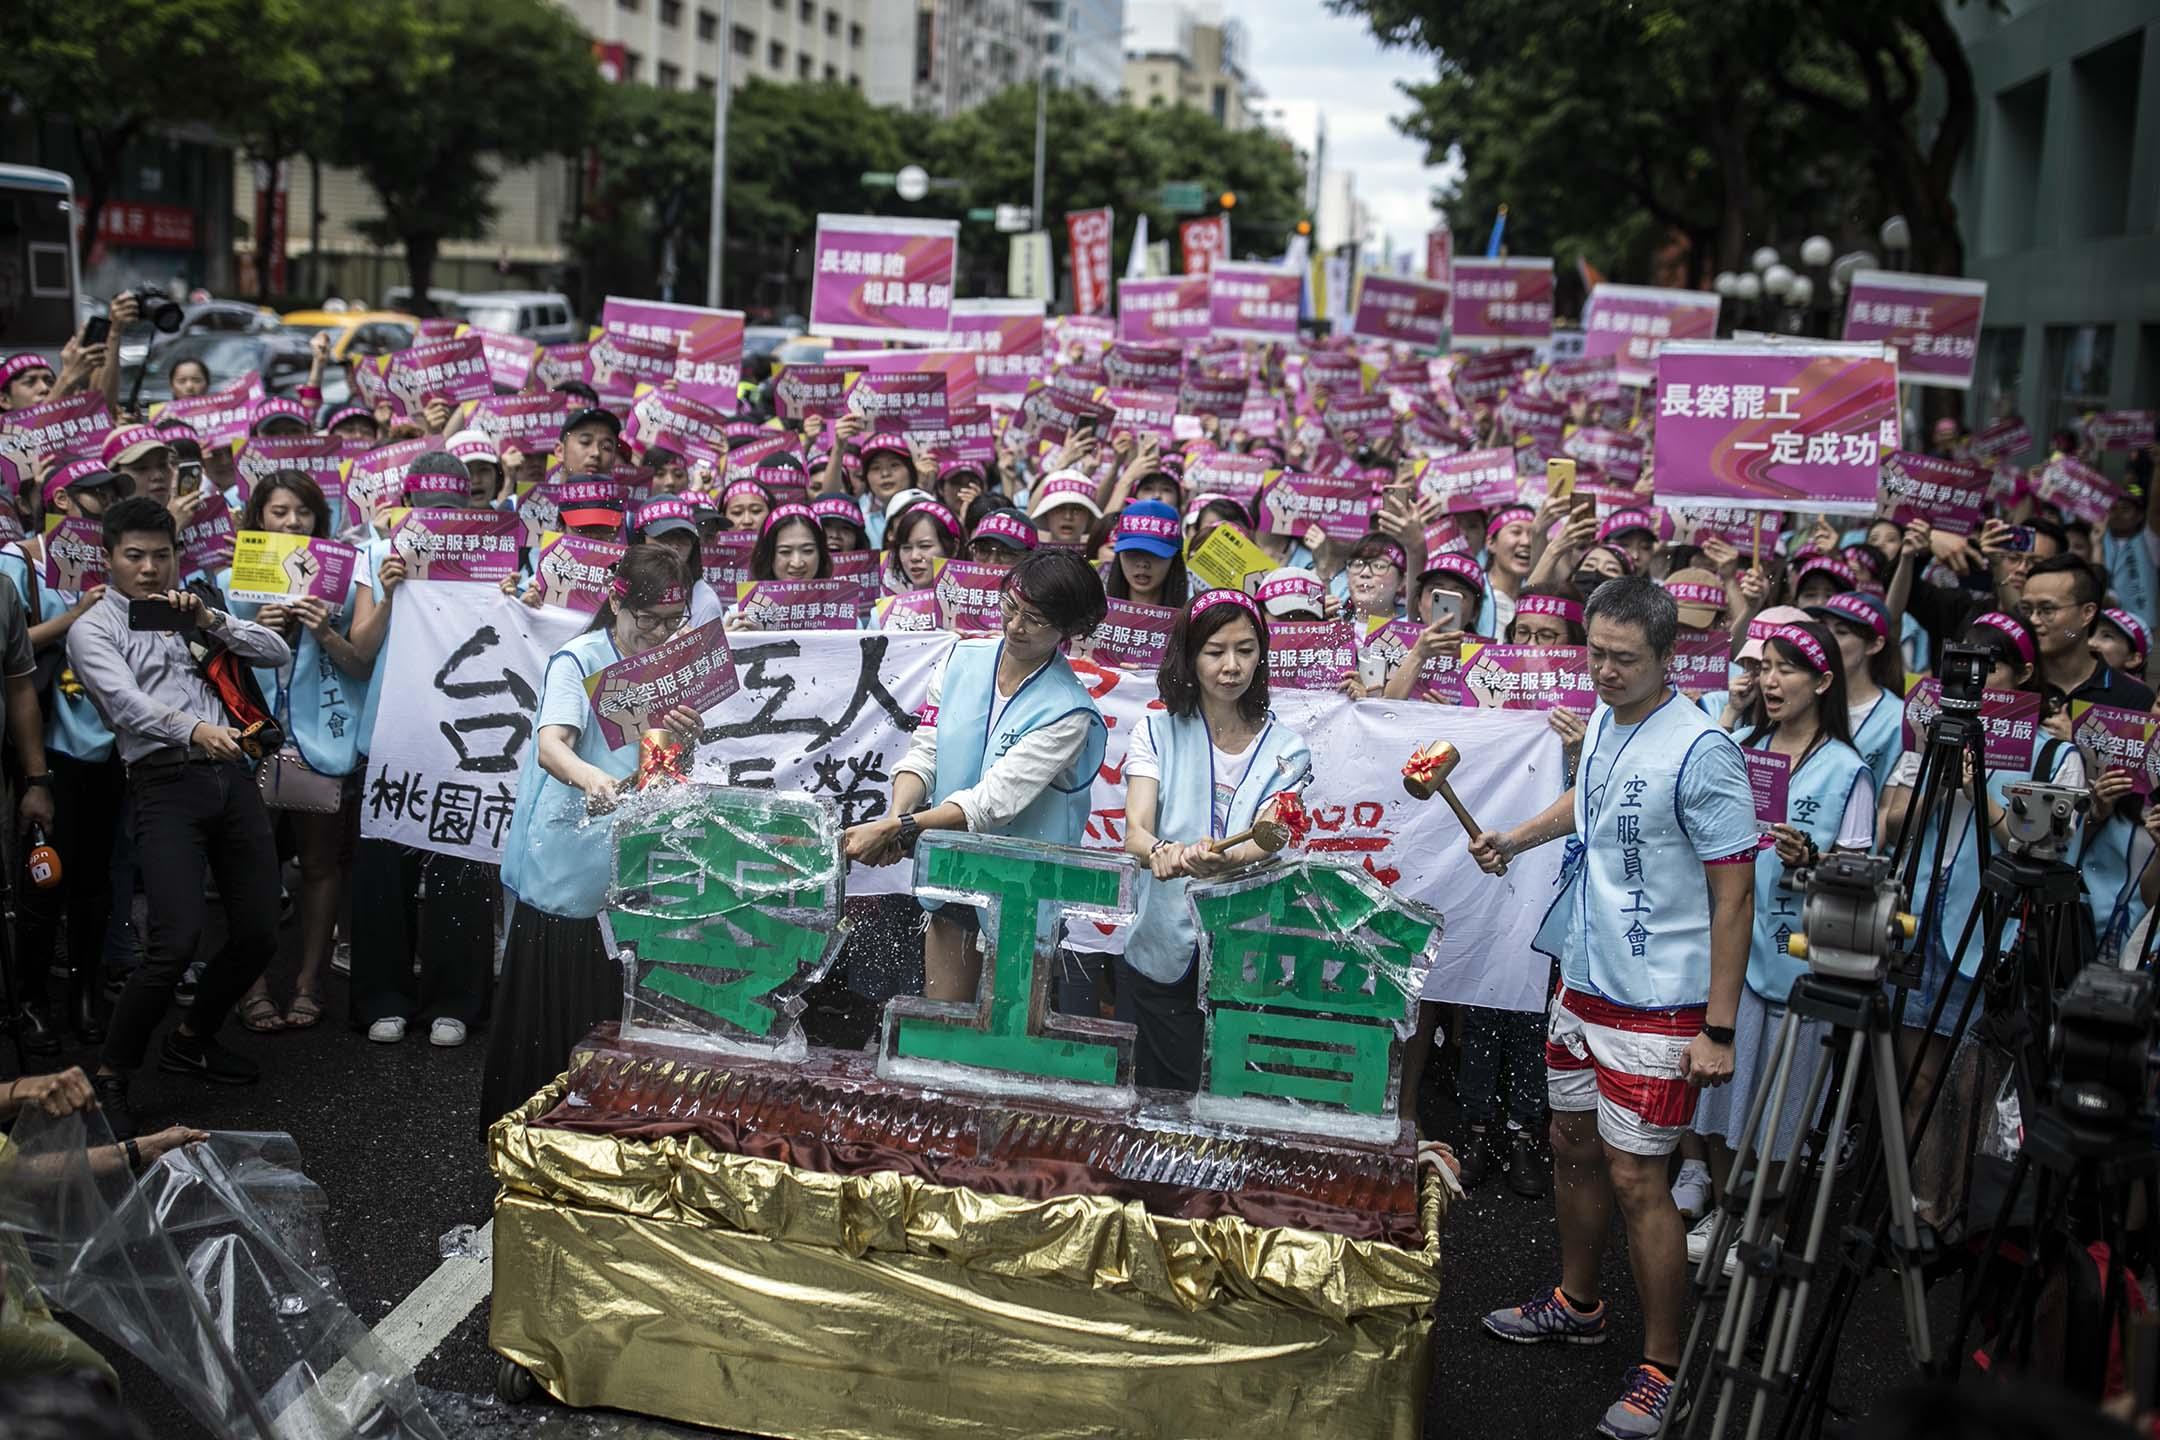 2019年6月4日,桃園市空服員職業工會舉行「台灣工人拚民主、長榮空服爭尊嚴」大遊行。 攝:陳焯煇/端傳媒